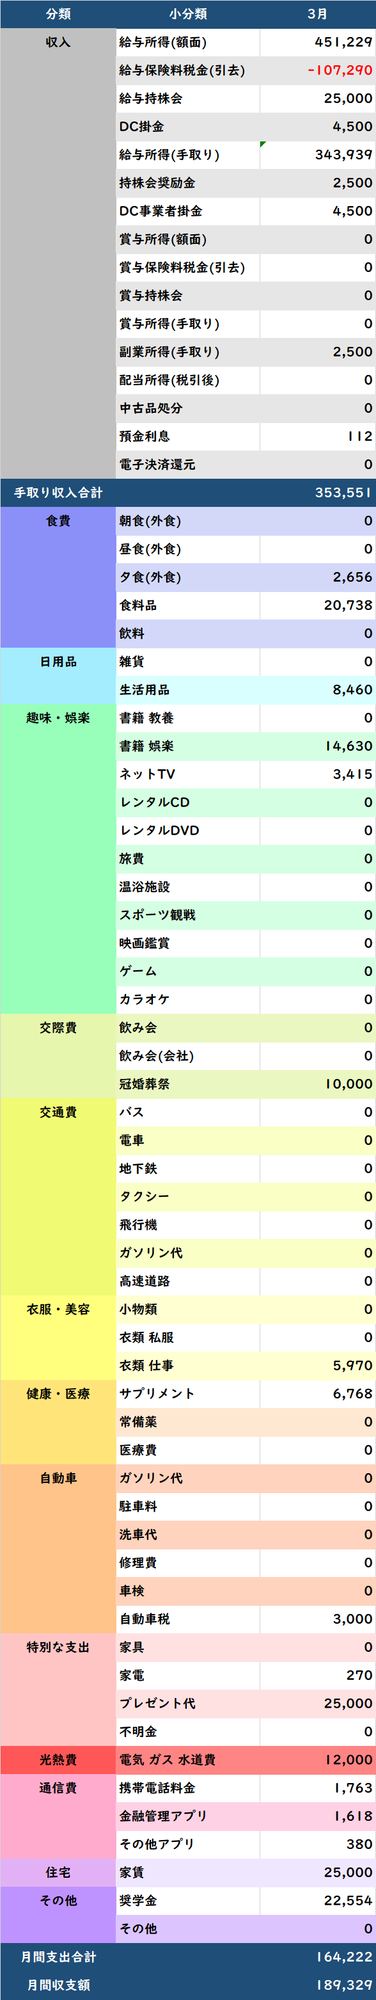 f:id:Hakurei:20210424122630p:plain